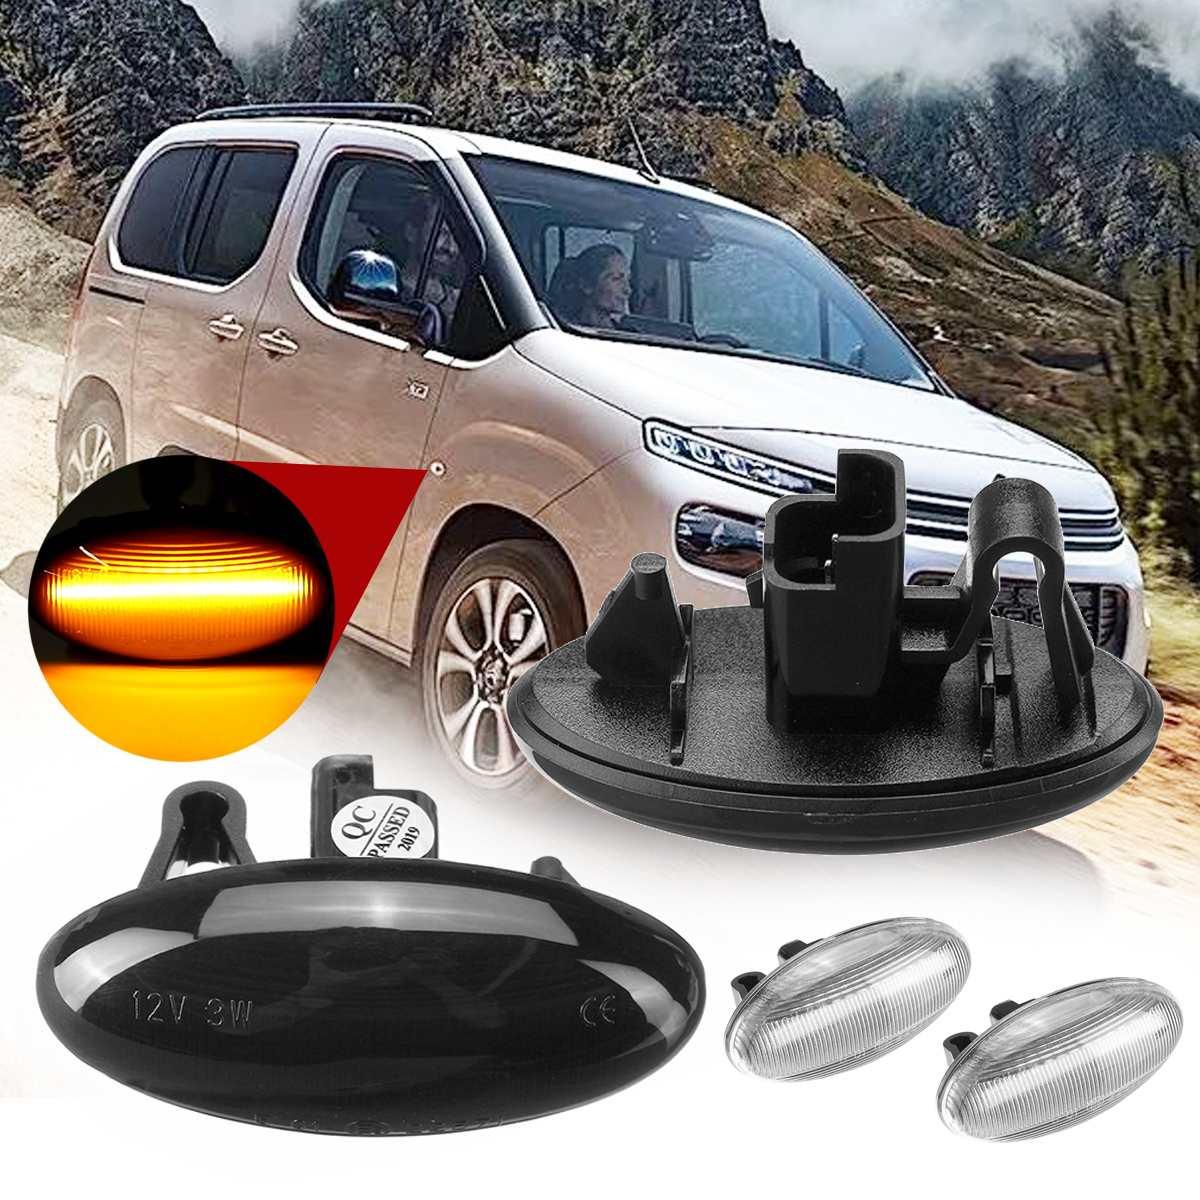 2 шт. динамический боковой габаритный светильник, светодиодный указатель поворота 12 В, панельный светильник, боковой светильник, янтарный д...